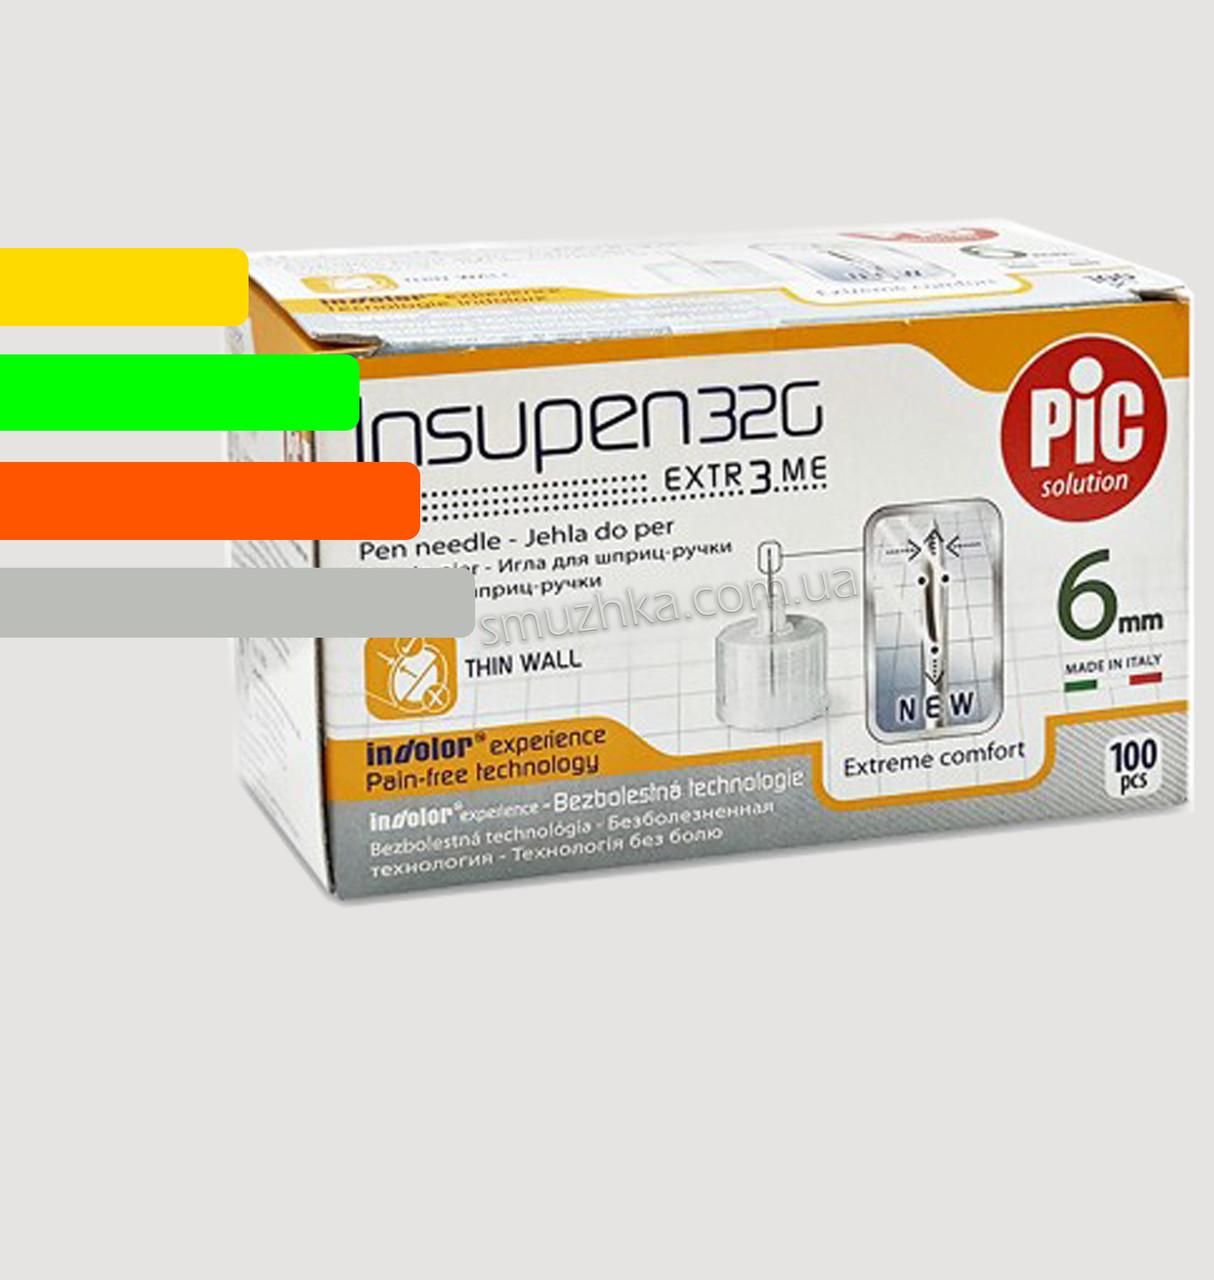 Иглы Инсупен 6мм для шприц-ручек инсулиновых - Insupen 32G, 100 шт.